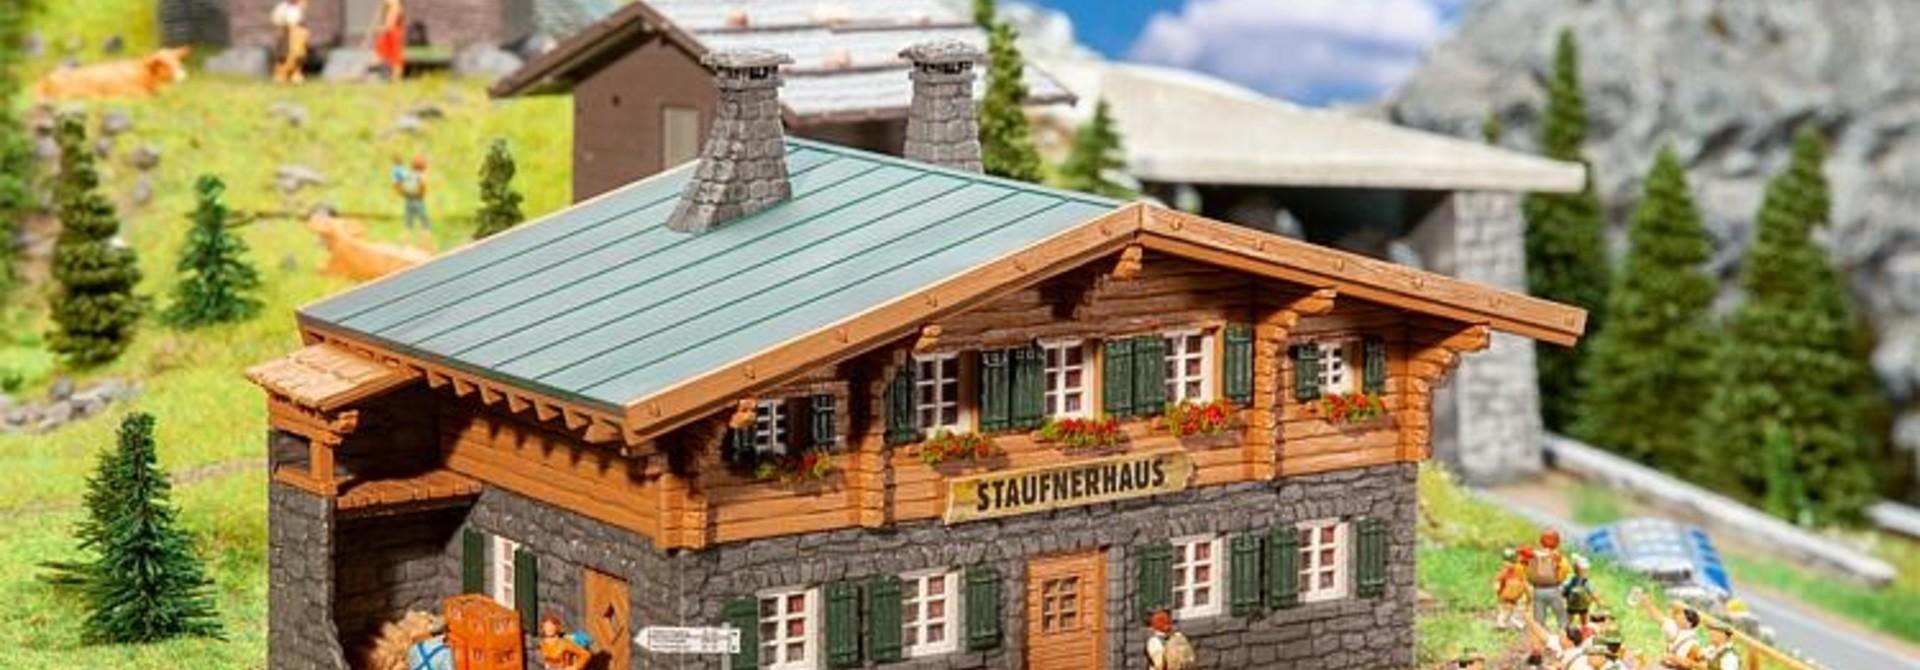 130635 BERGHUT STAUFNERHAUS (5/19) *